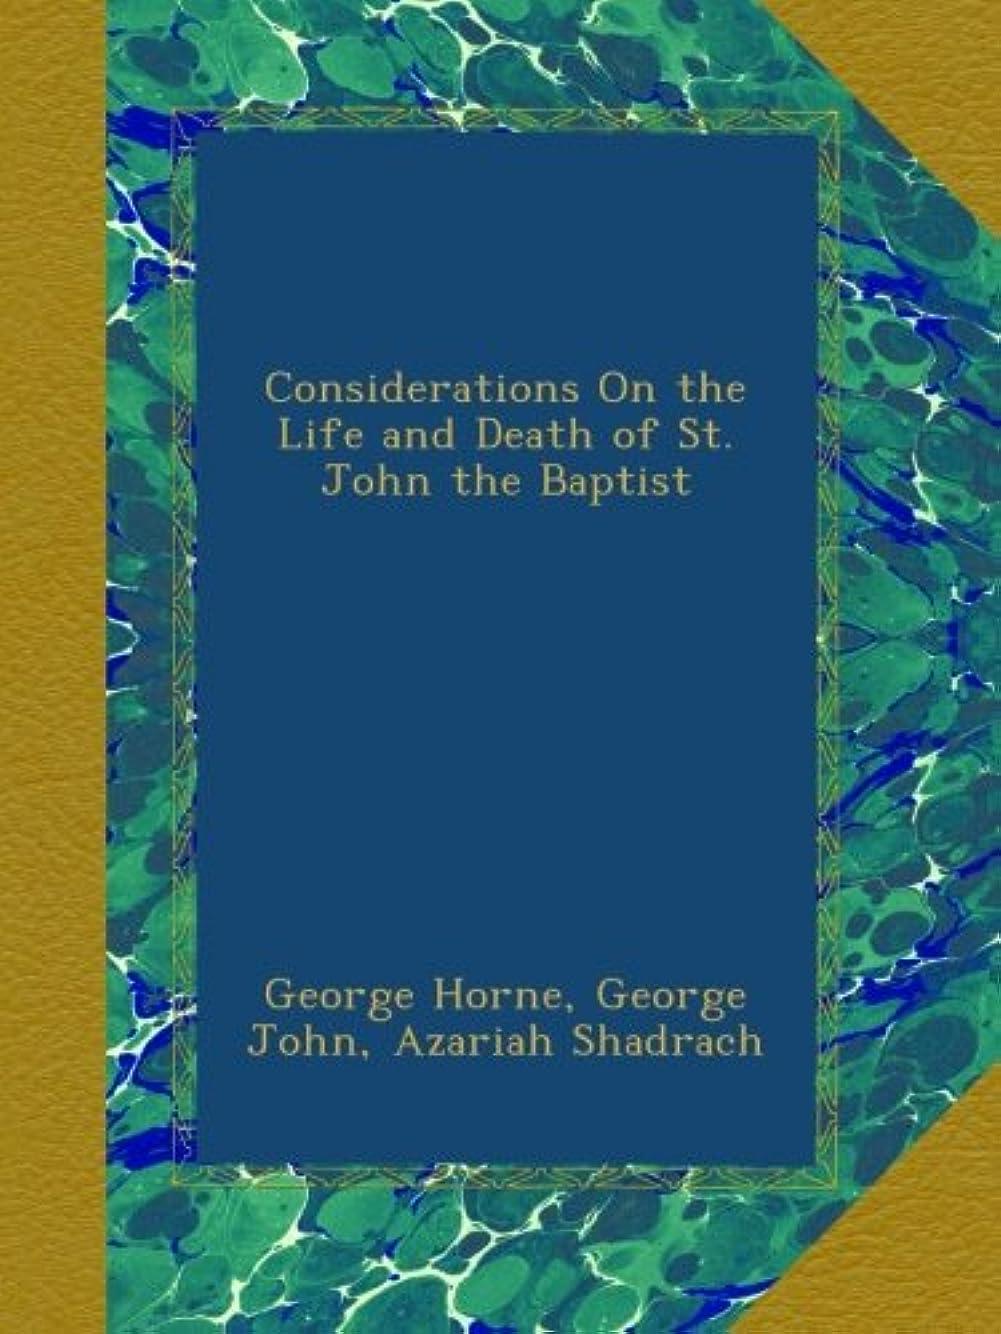 染料パキスタン人日帰り旅行にConsiderations On the Life and Death of St. John the Baptist